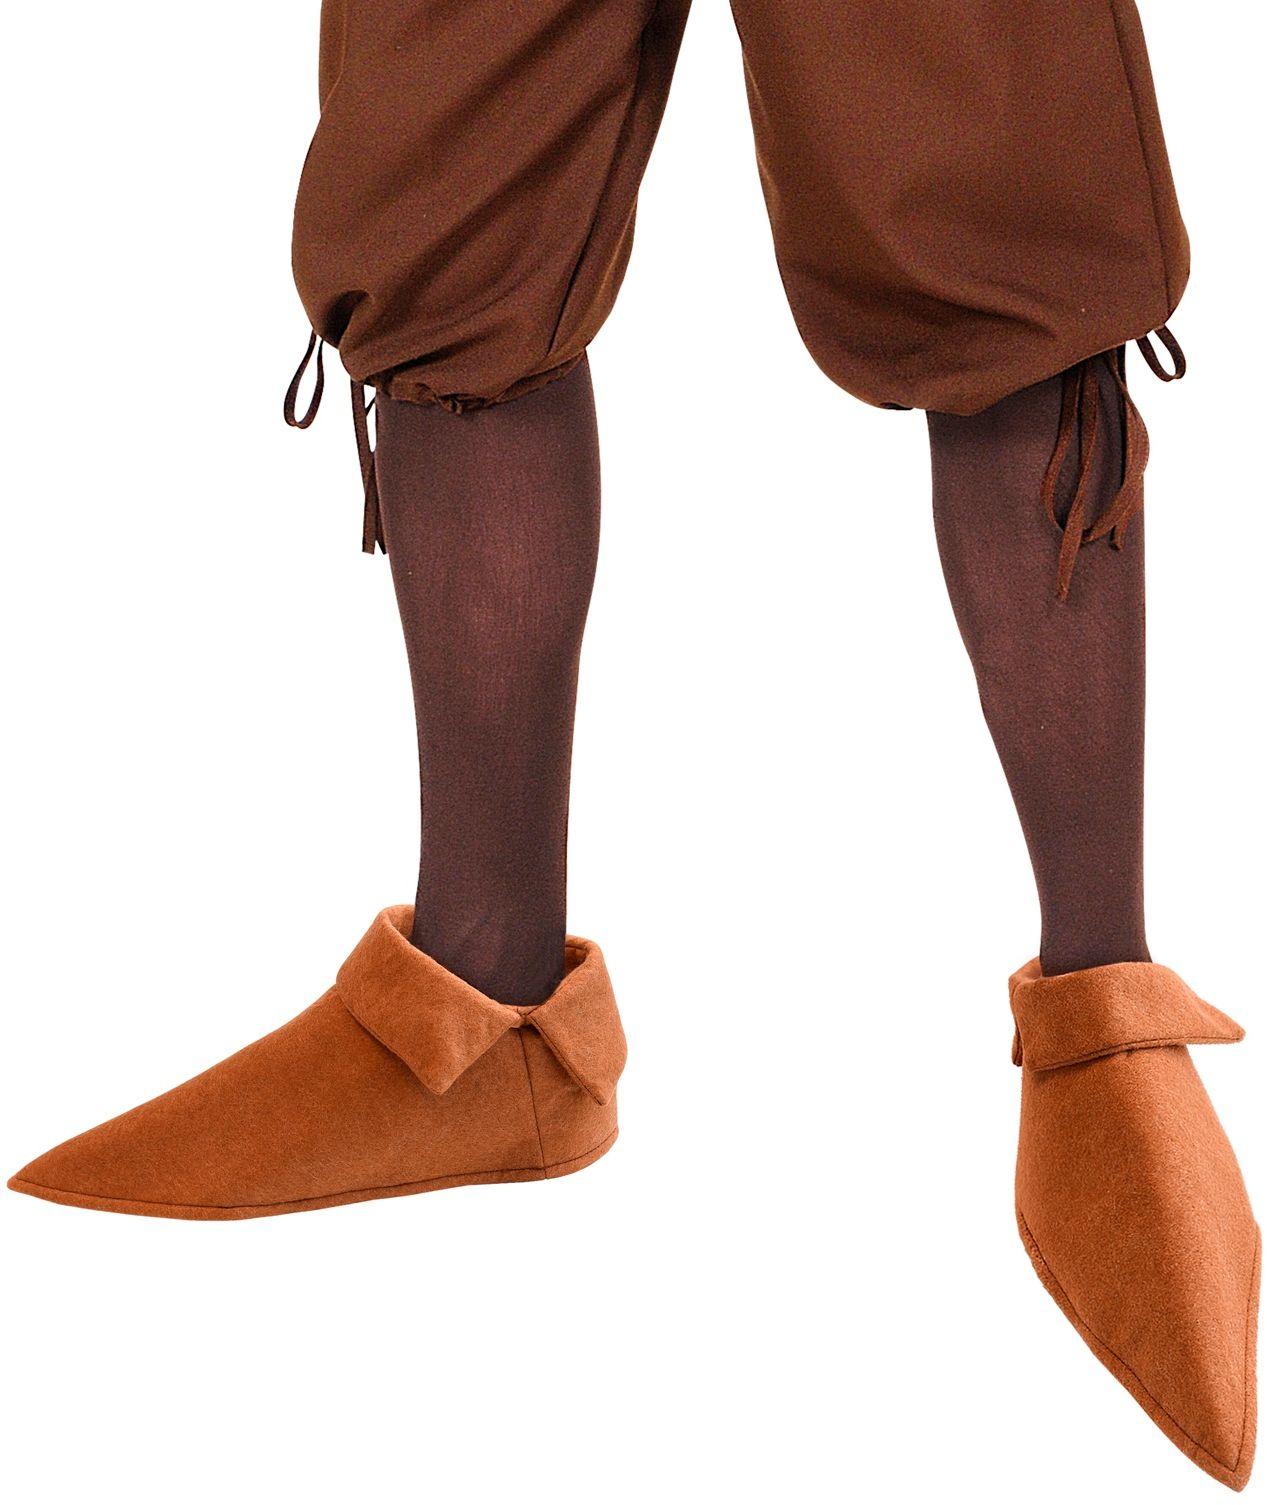 Middeleeuwse schoenovertrekken